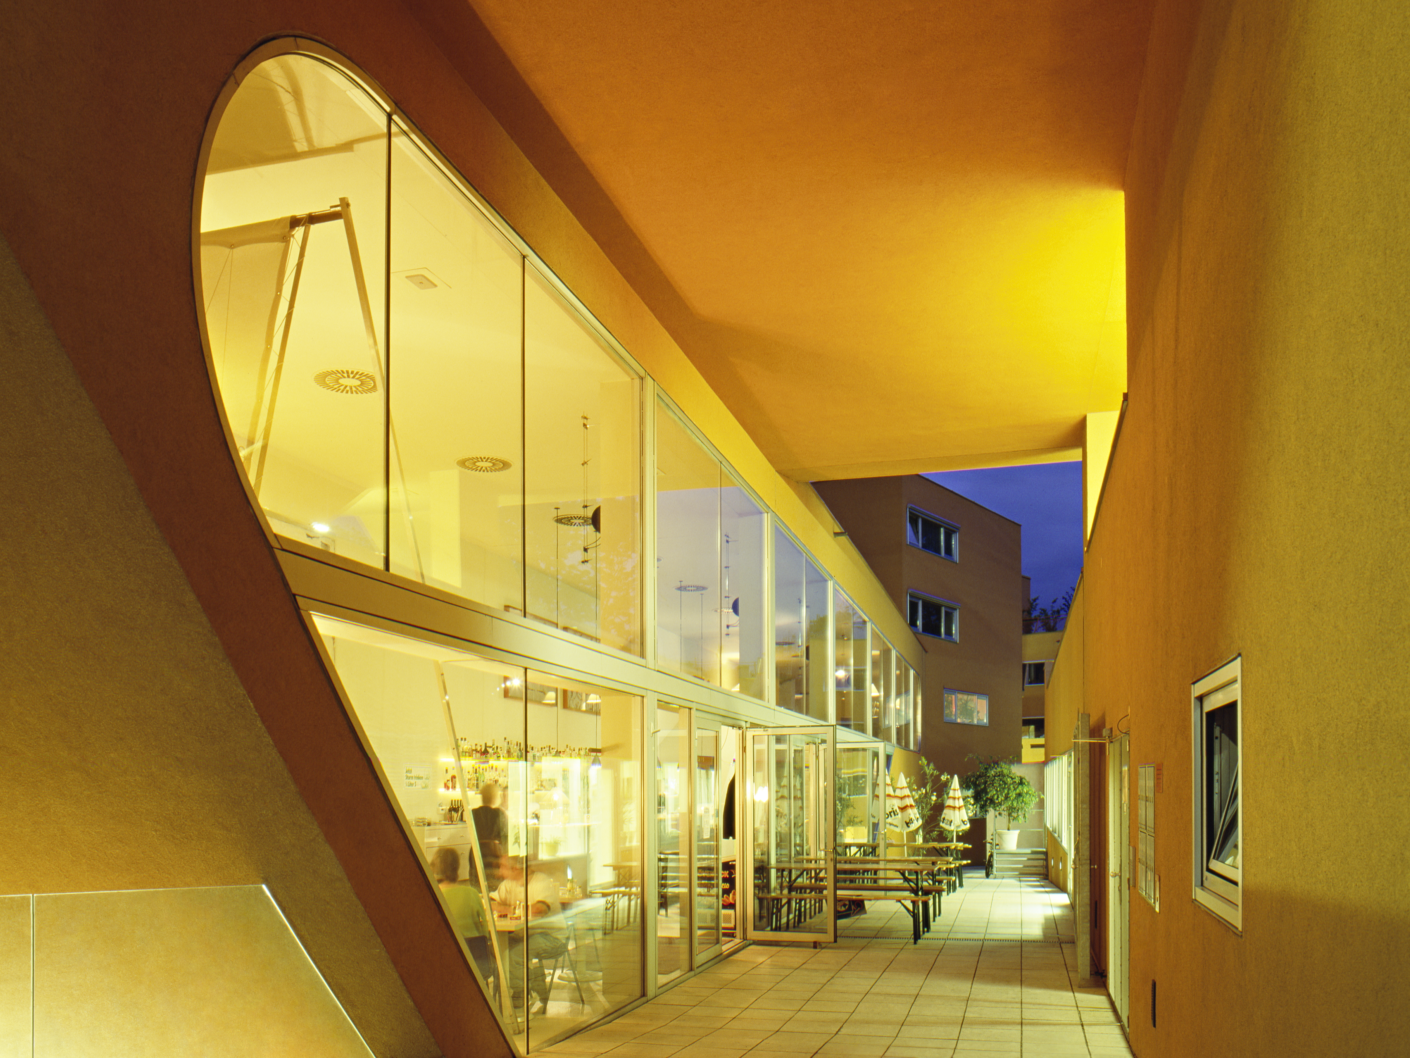 Gemeinschaftskueche-in-der-Sargfabrik_Wien_Stylepark.